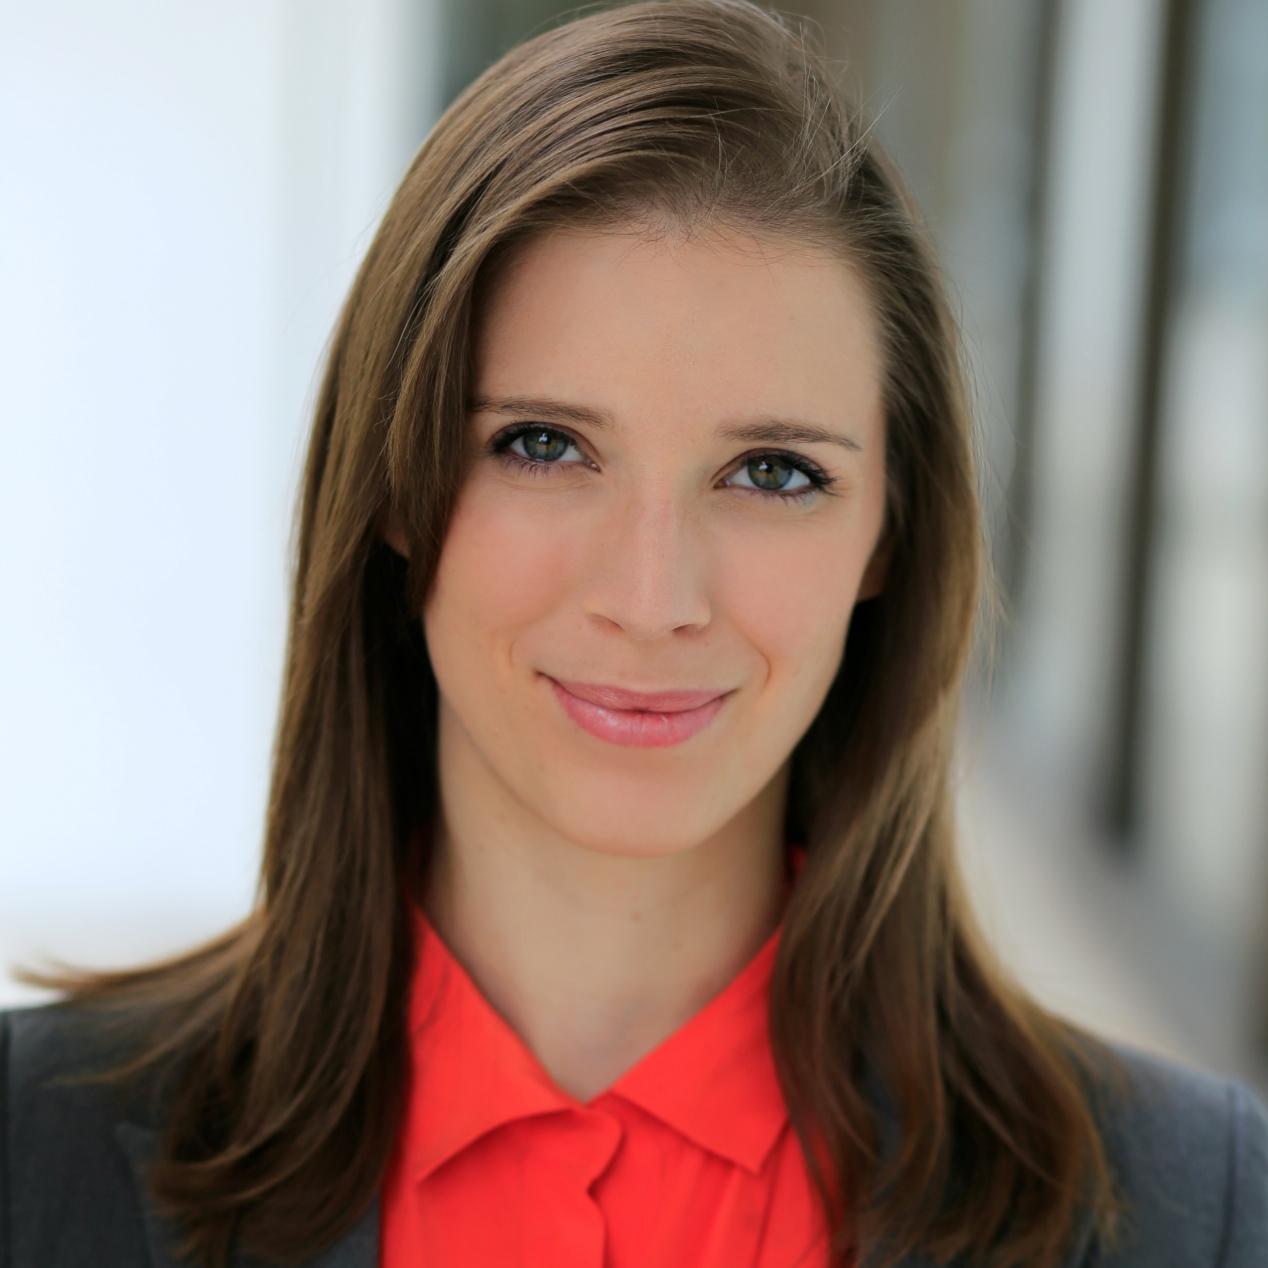 Miranda Kahn